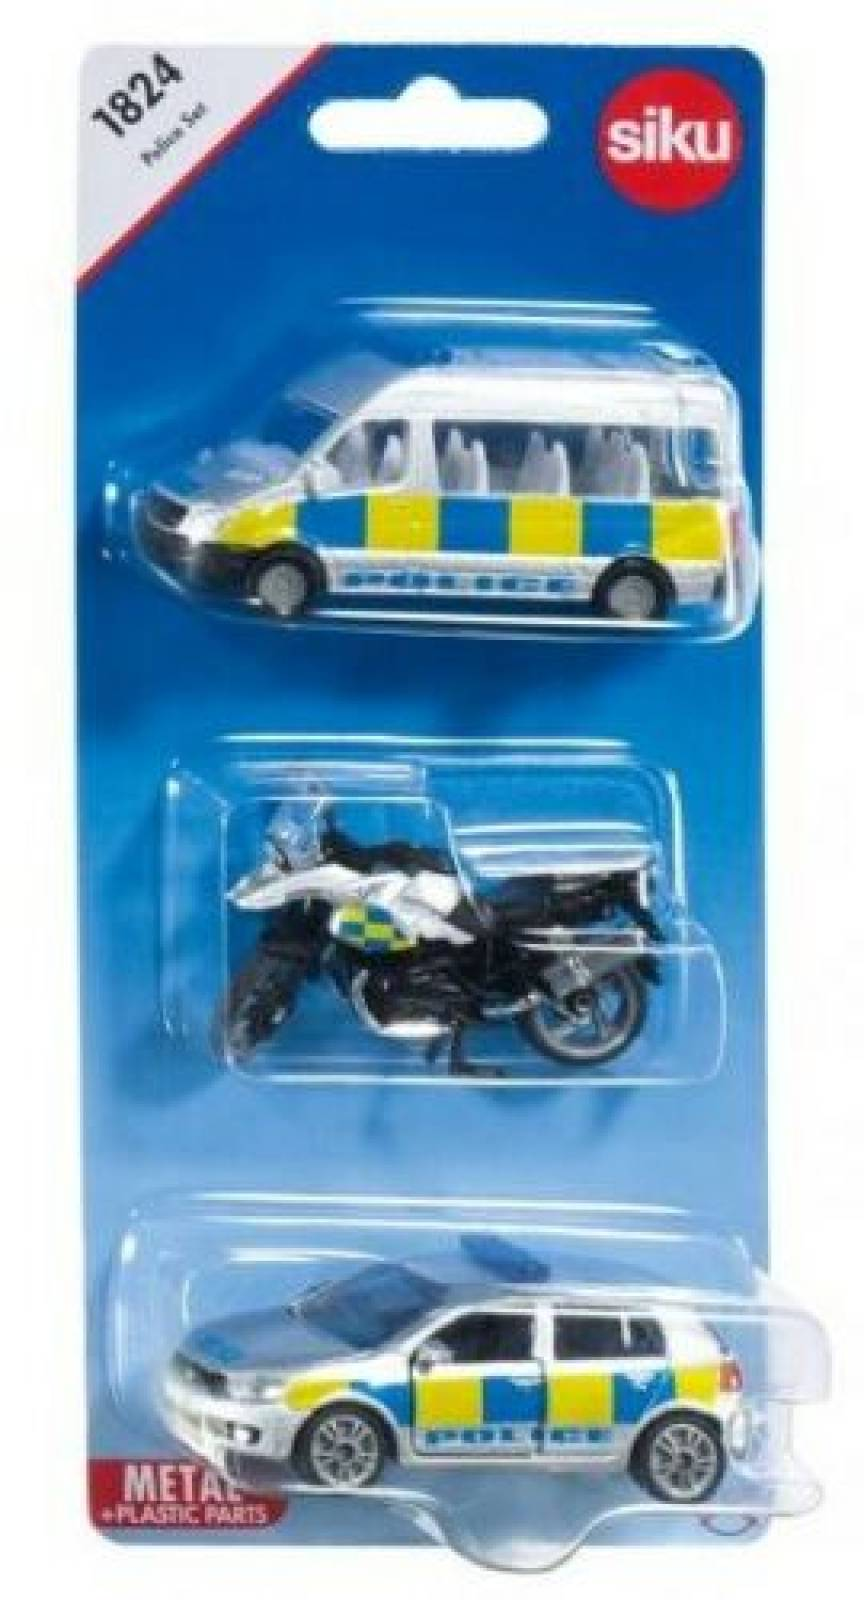 SIKU 3 Car Police Vehicle Set thumbnails